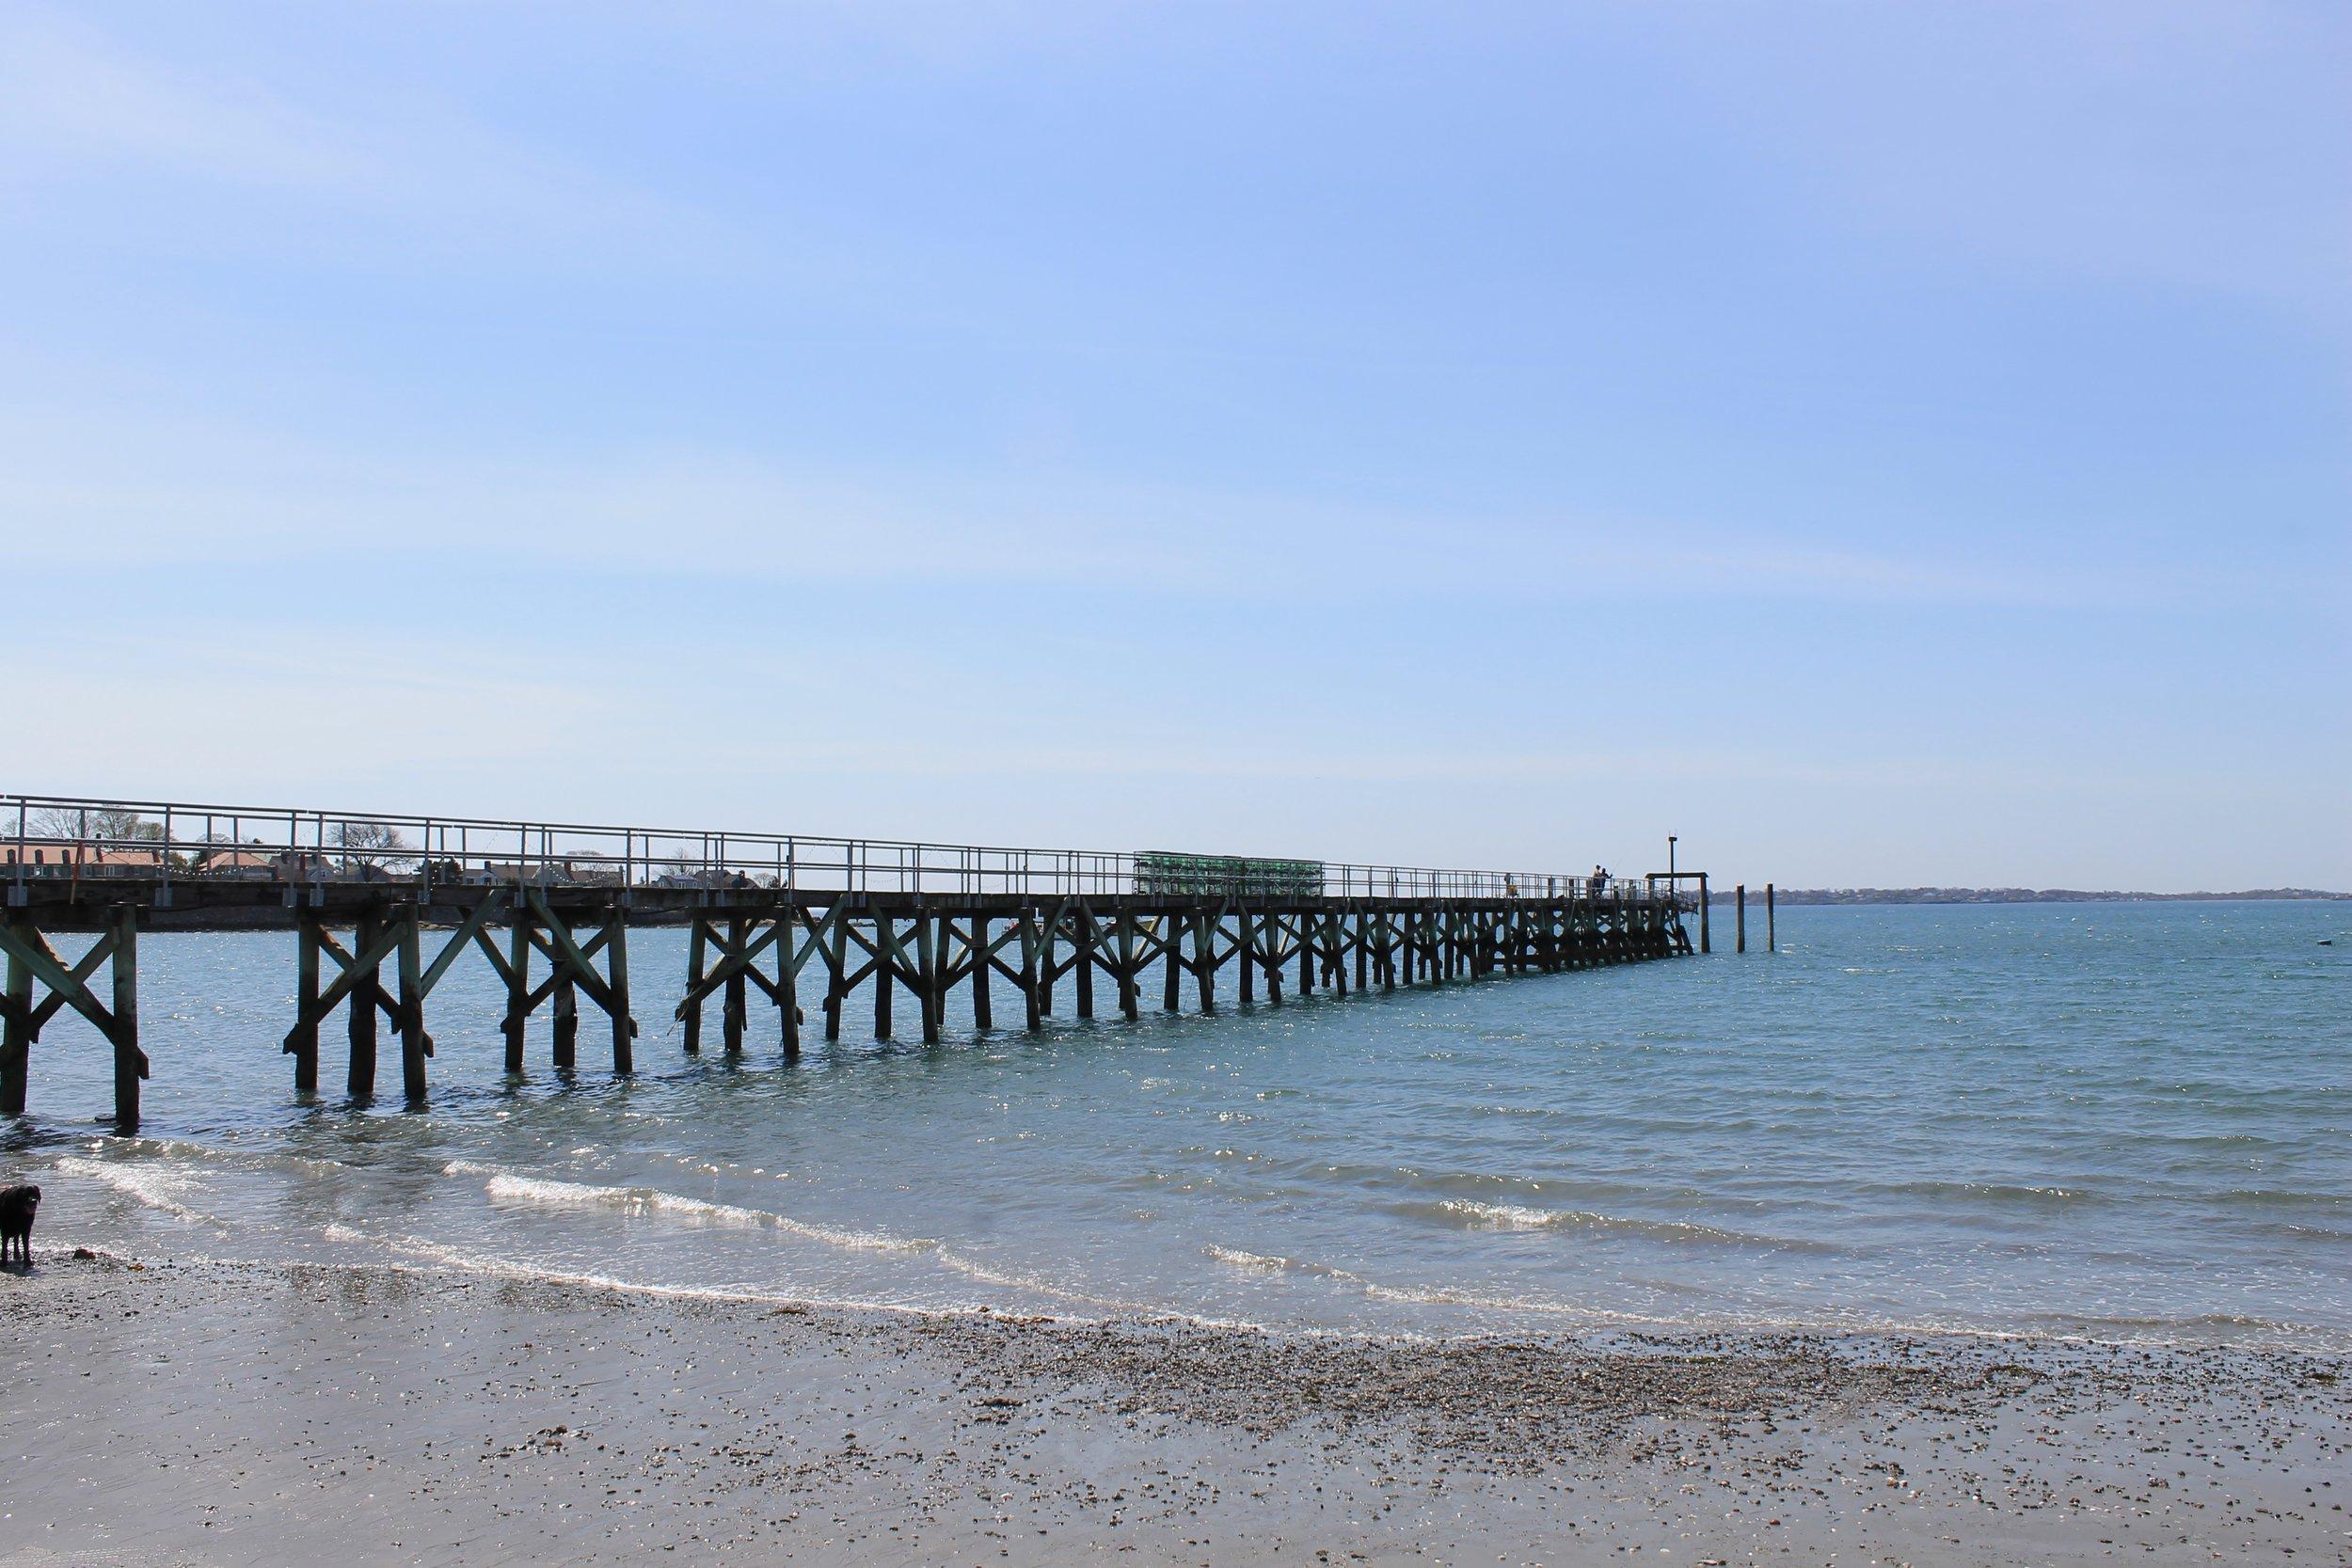 Fishermans Beach Pier